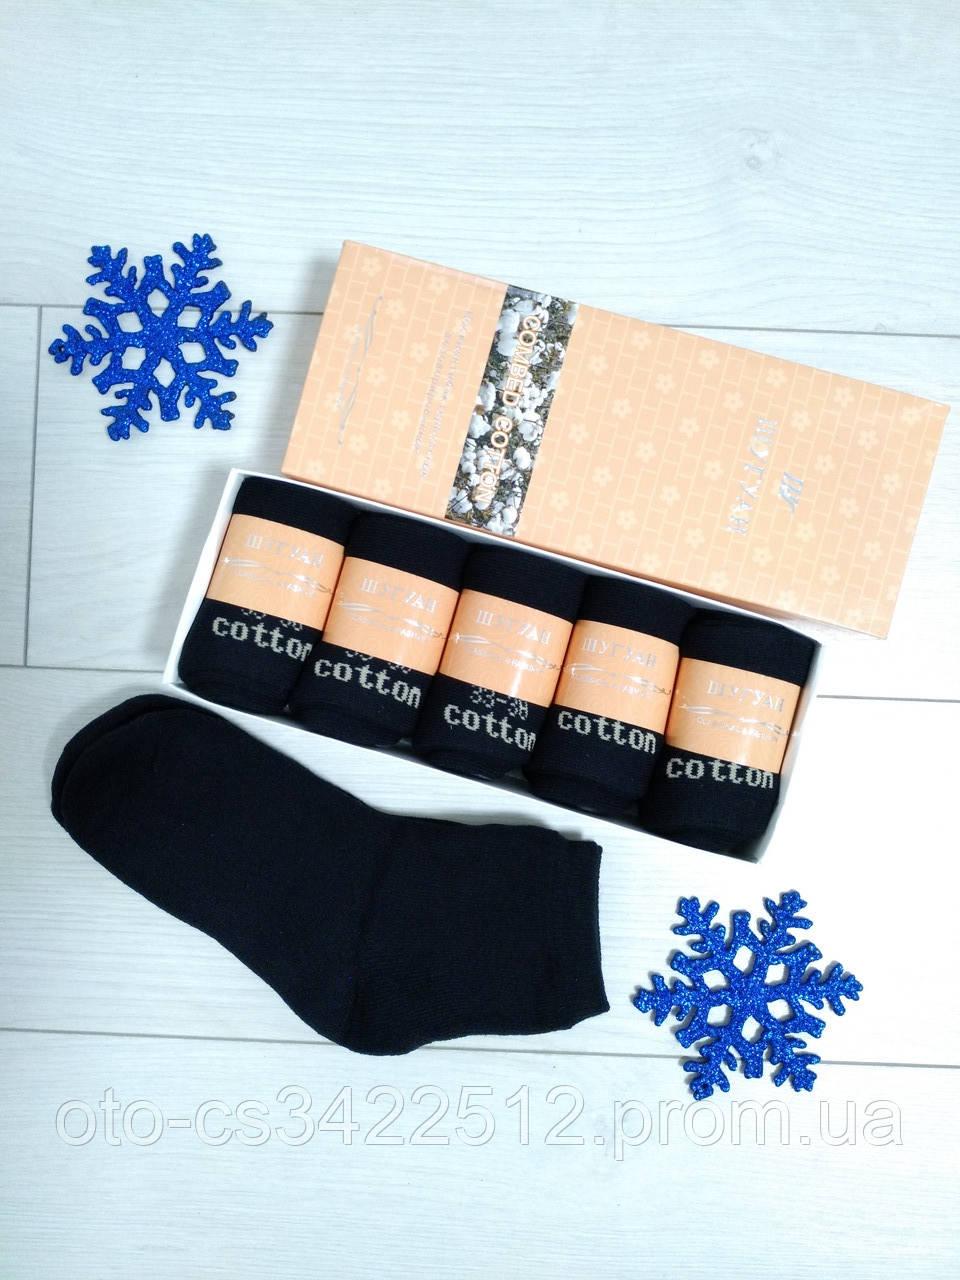 Шкарпетки для підлітка в подарунковій коробці Шугуан